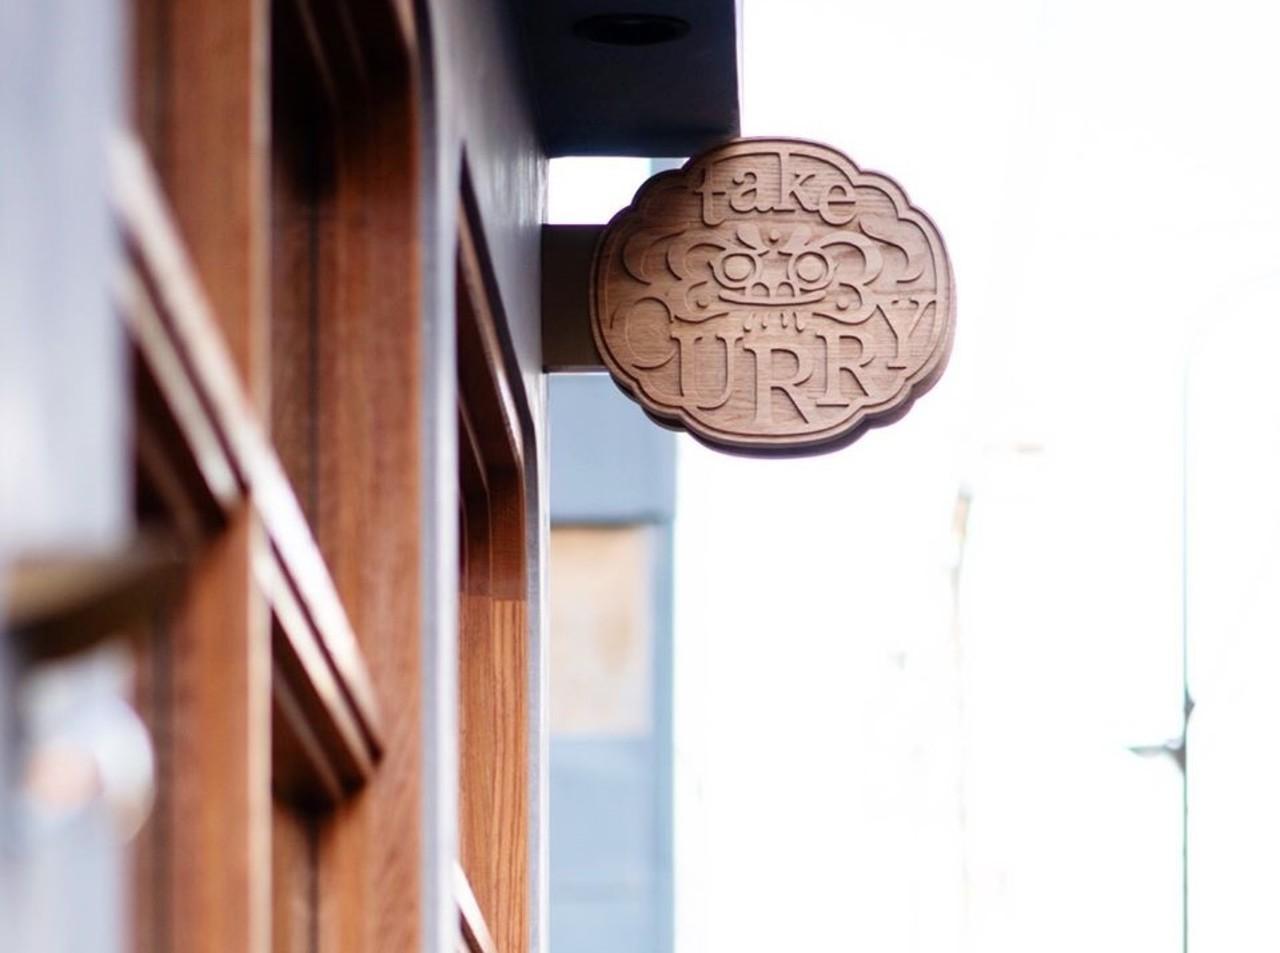 スパイス惣菜に夢中。。東京都渋谷区恵比寿2丁目に『テイクカリー』オープン